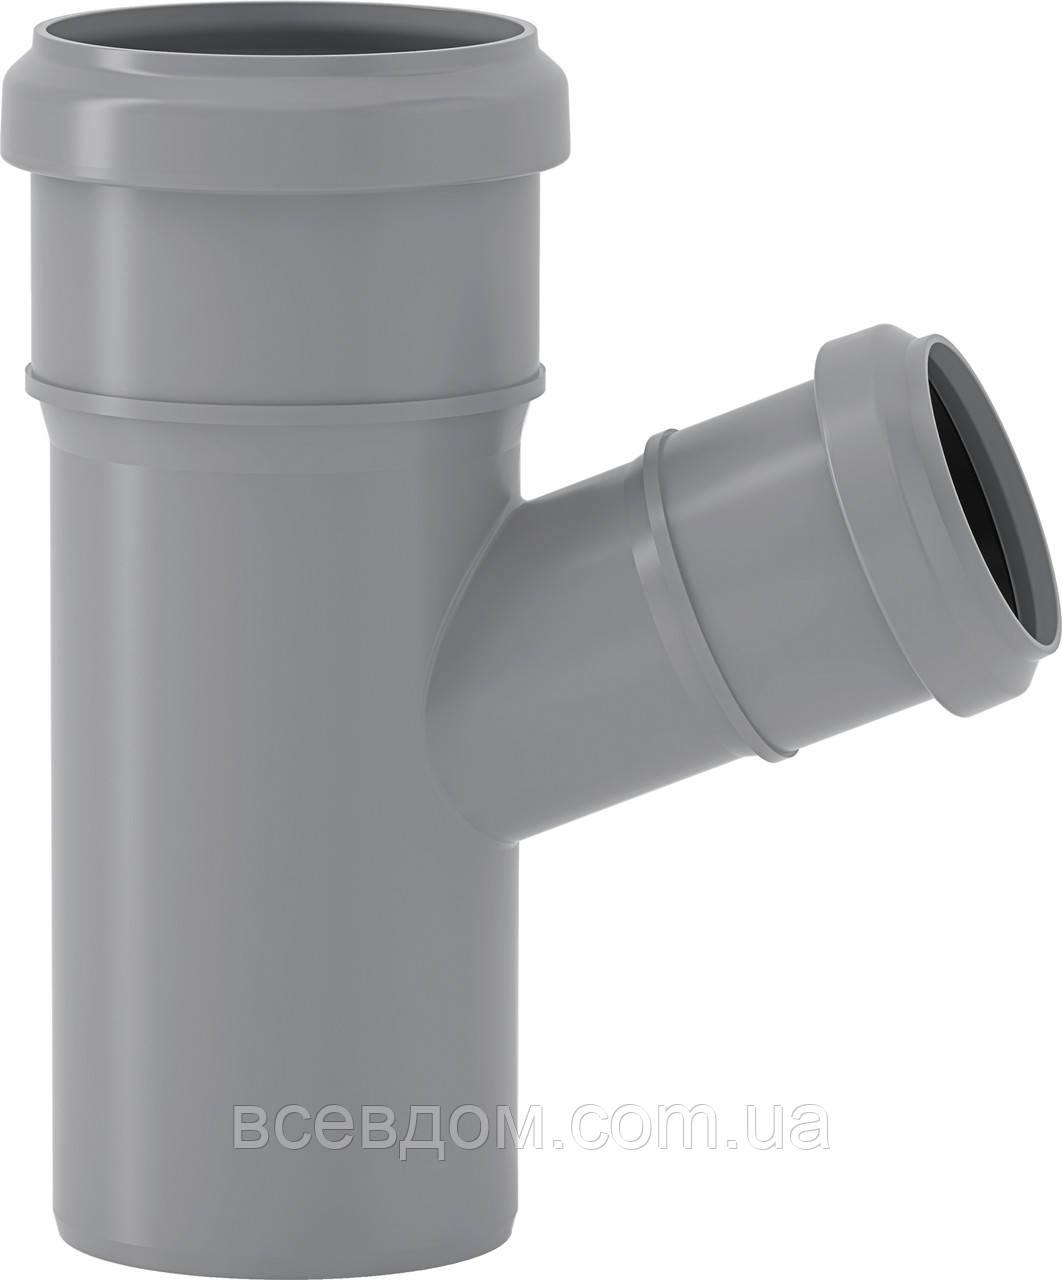 HTEA трійник внутрішньої каналізації Valsir 110/50х45°